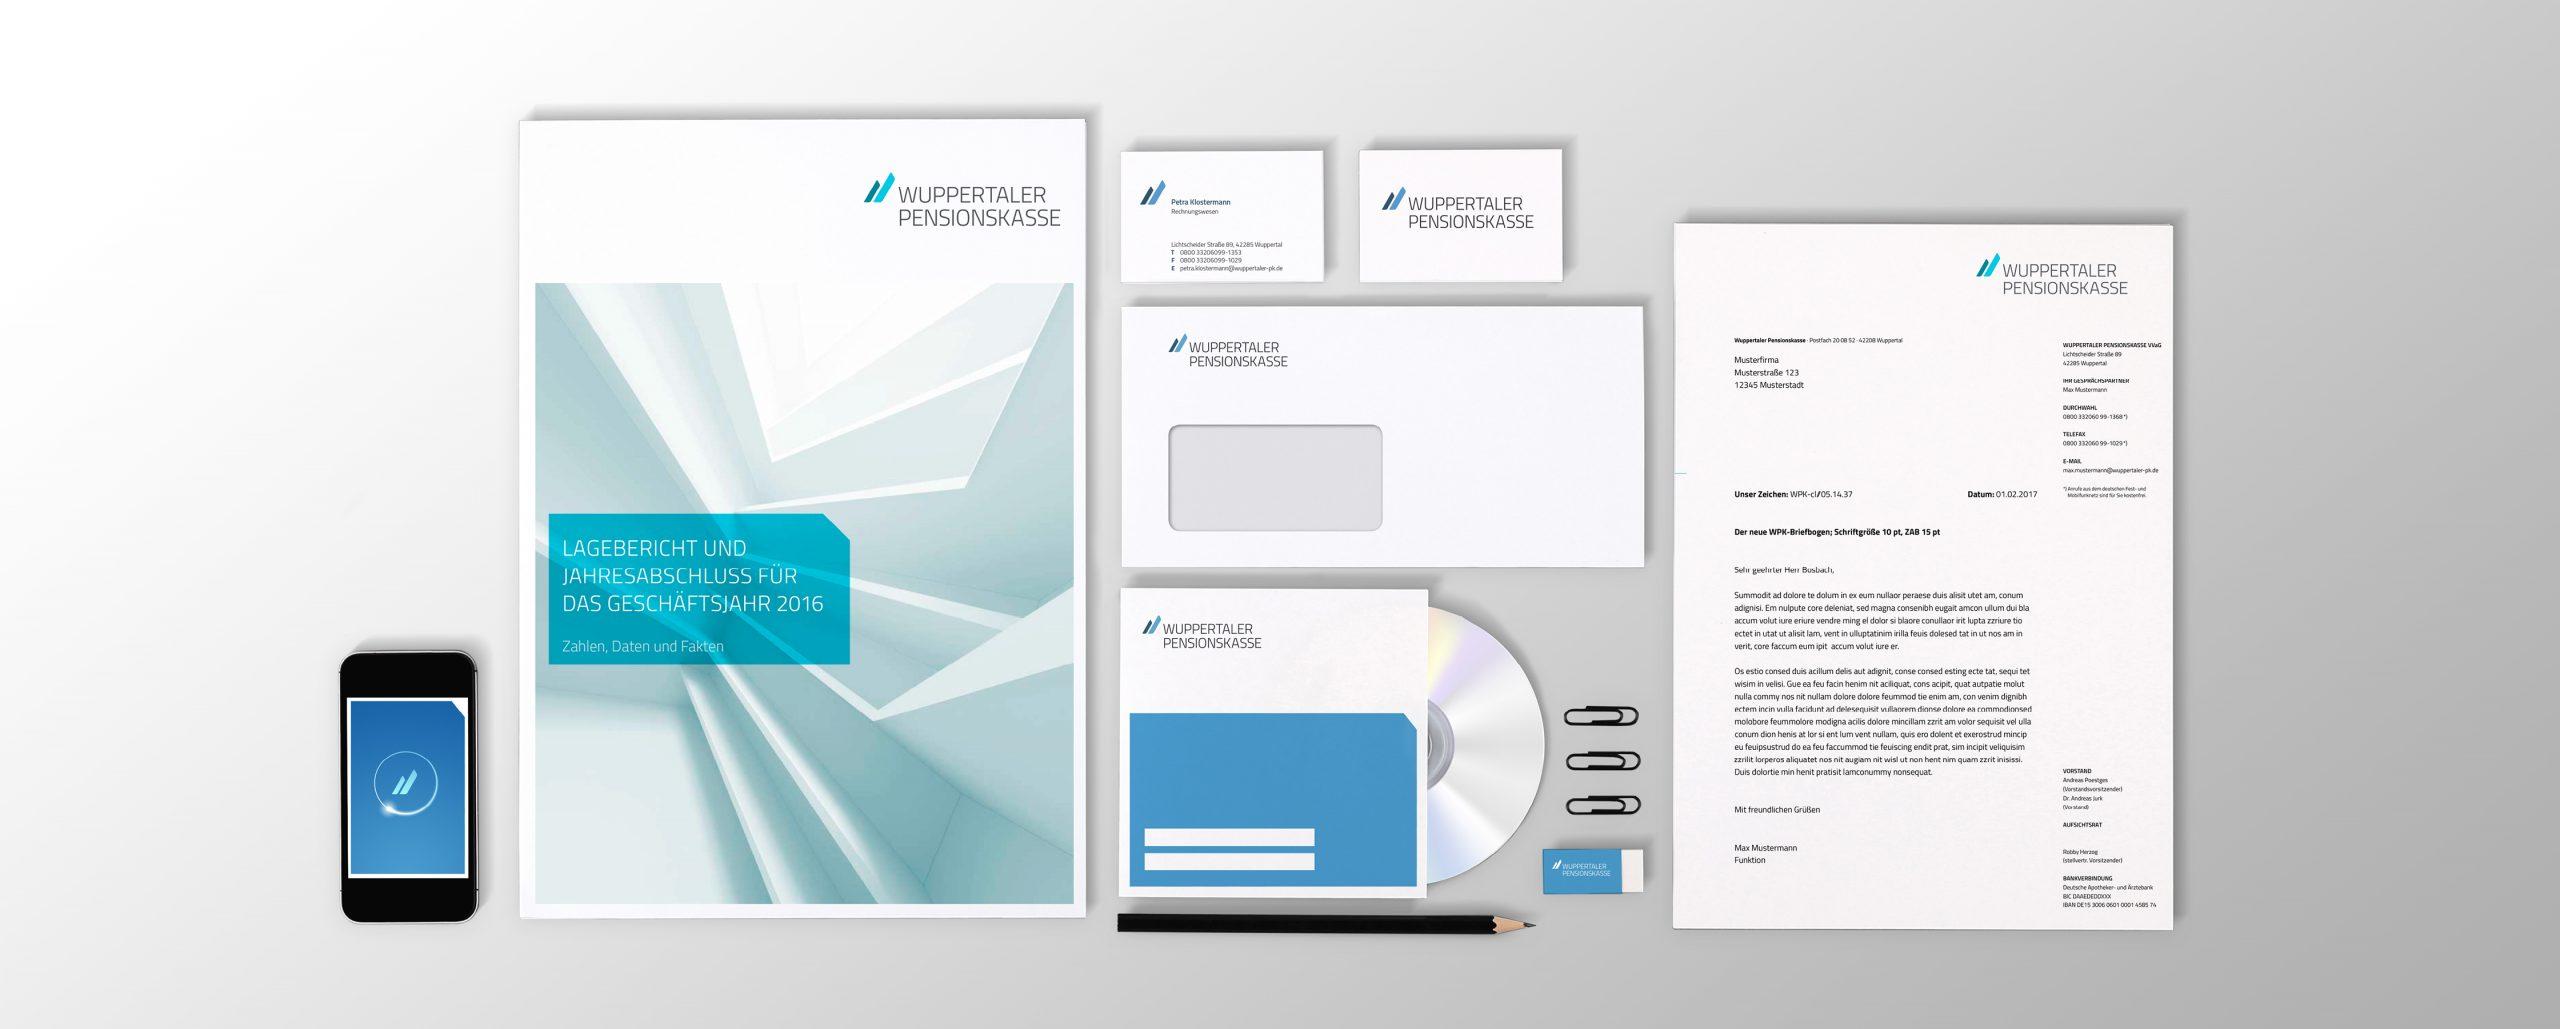 Wuppertaler Pensionskasse: Corporate Design-Entwicklung von Bosbach